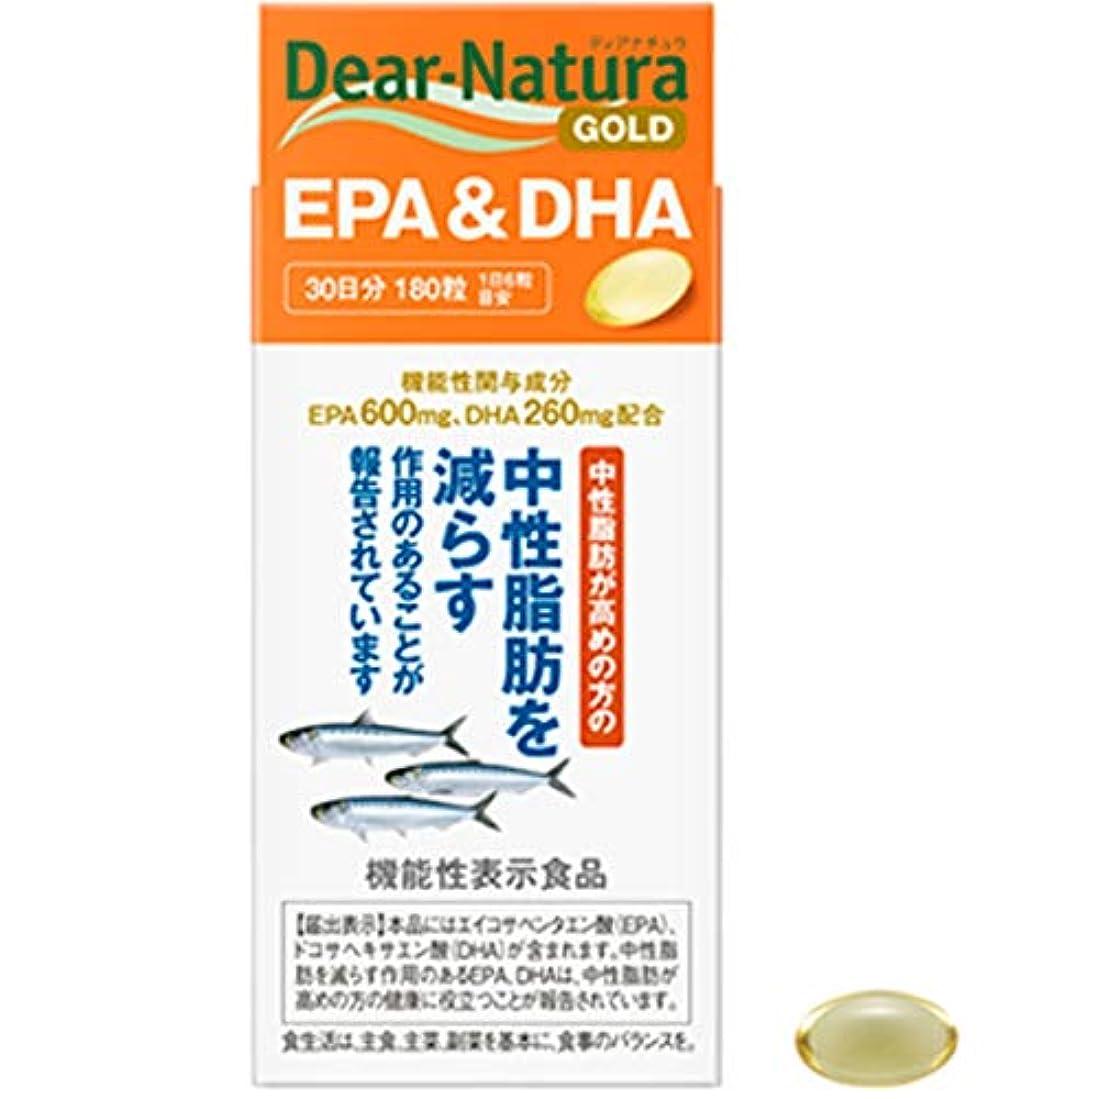 足首しつけ一方、ディアナチュラゴールド EPA&DHA 30日分 180粒入×5個セット